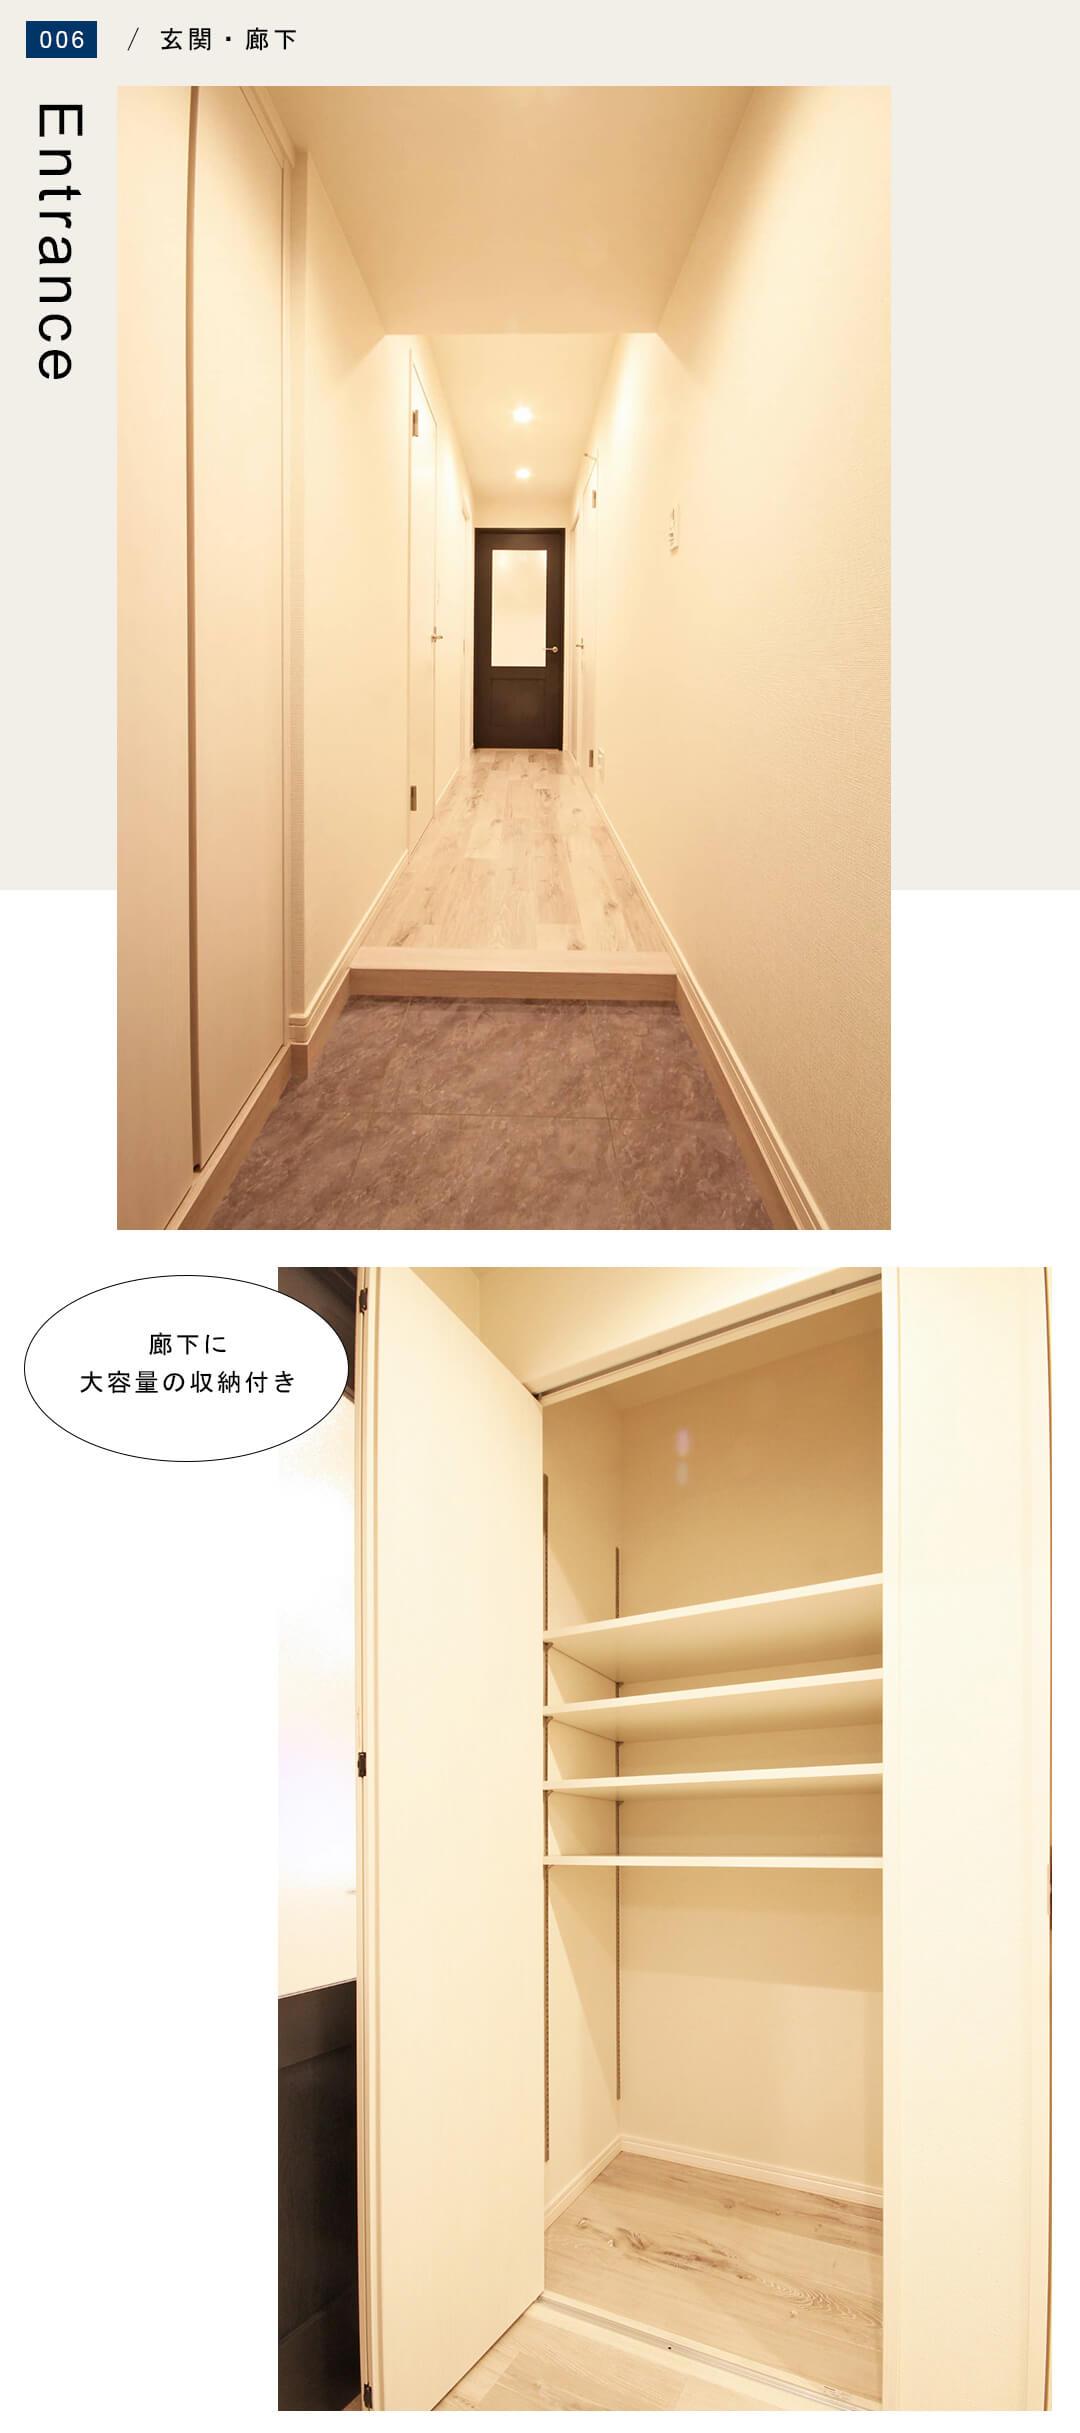 菱和パレス錦糸町 203号室の玄関・廊下